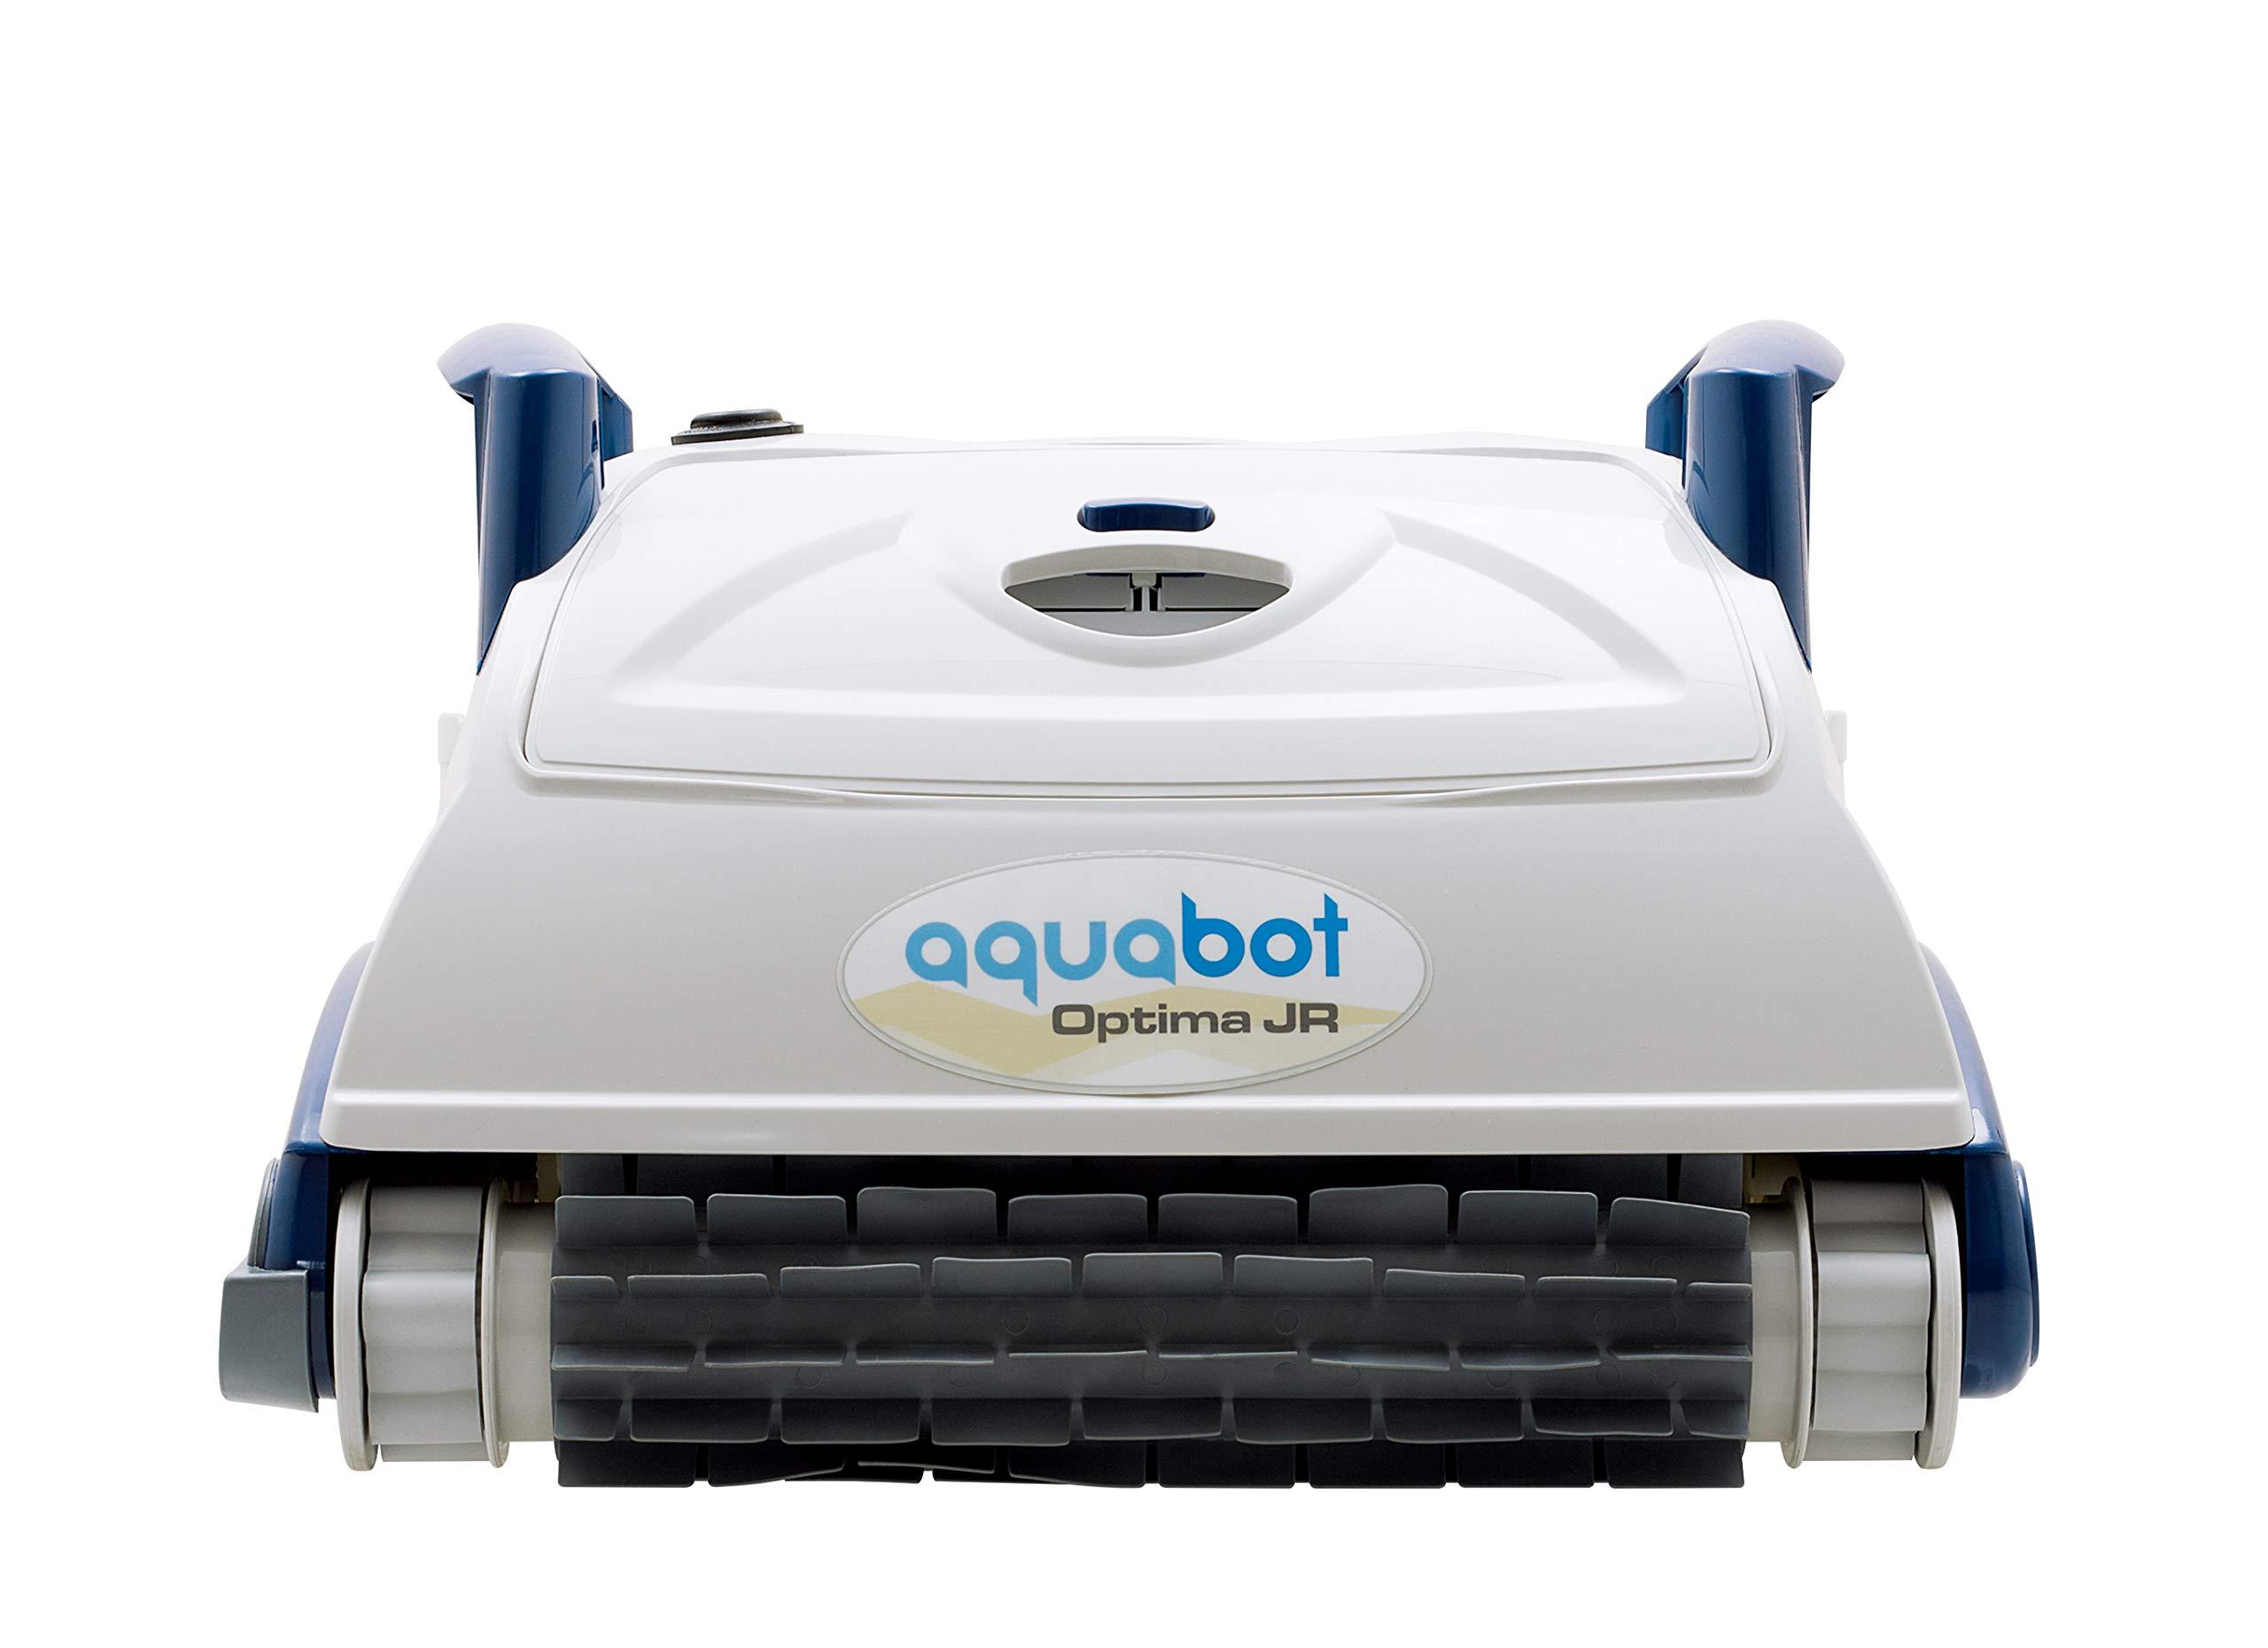 Aquabot Optima Jr by Aquabot